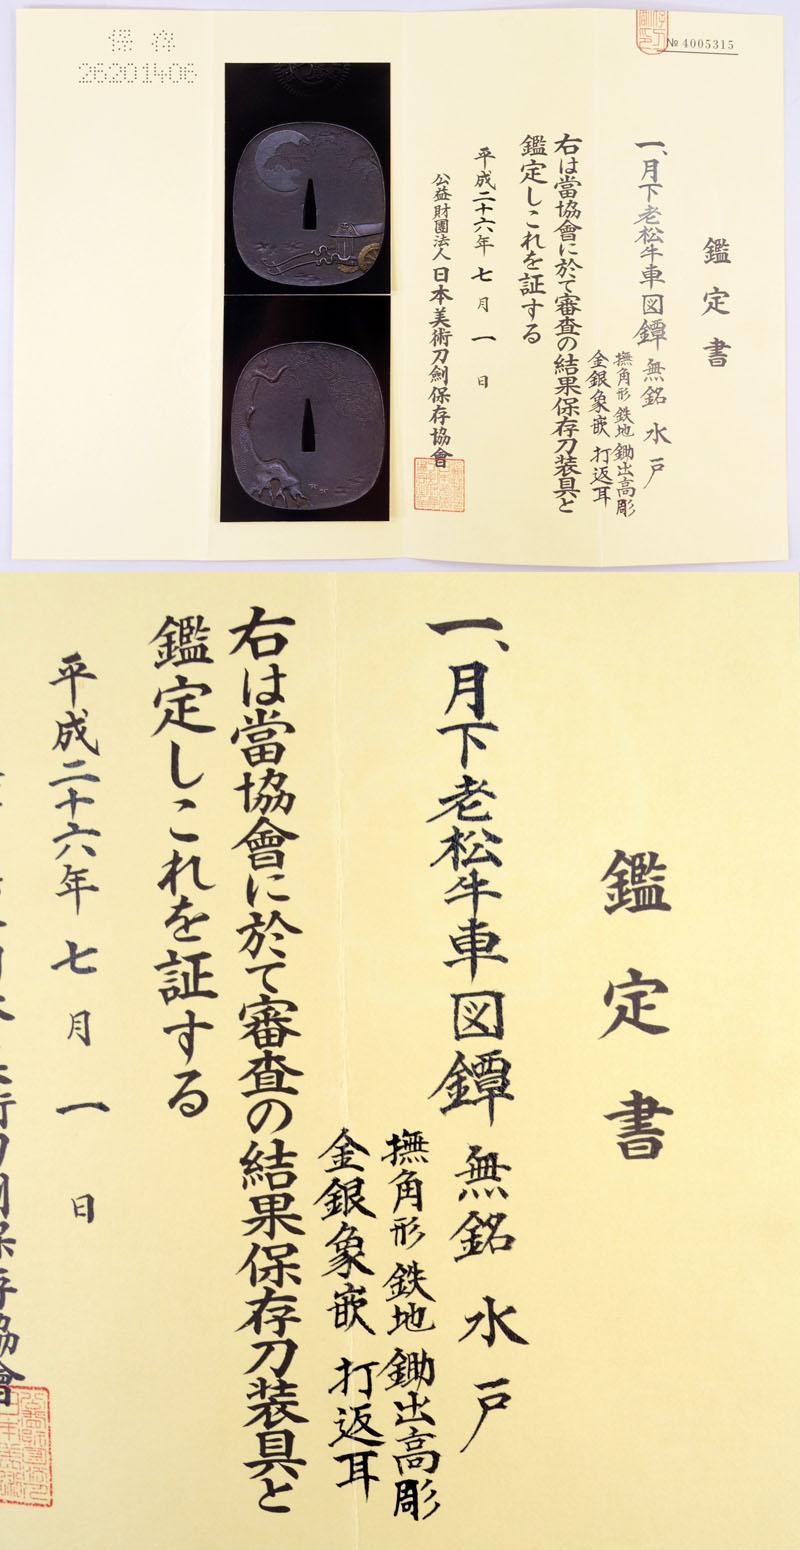 月下老松牛車図鍔 無銘 水戸 Picture of Certificate